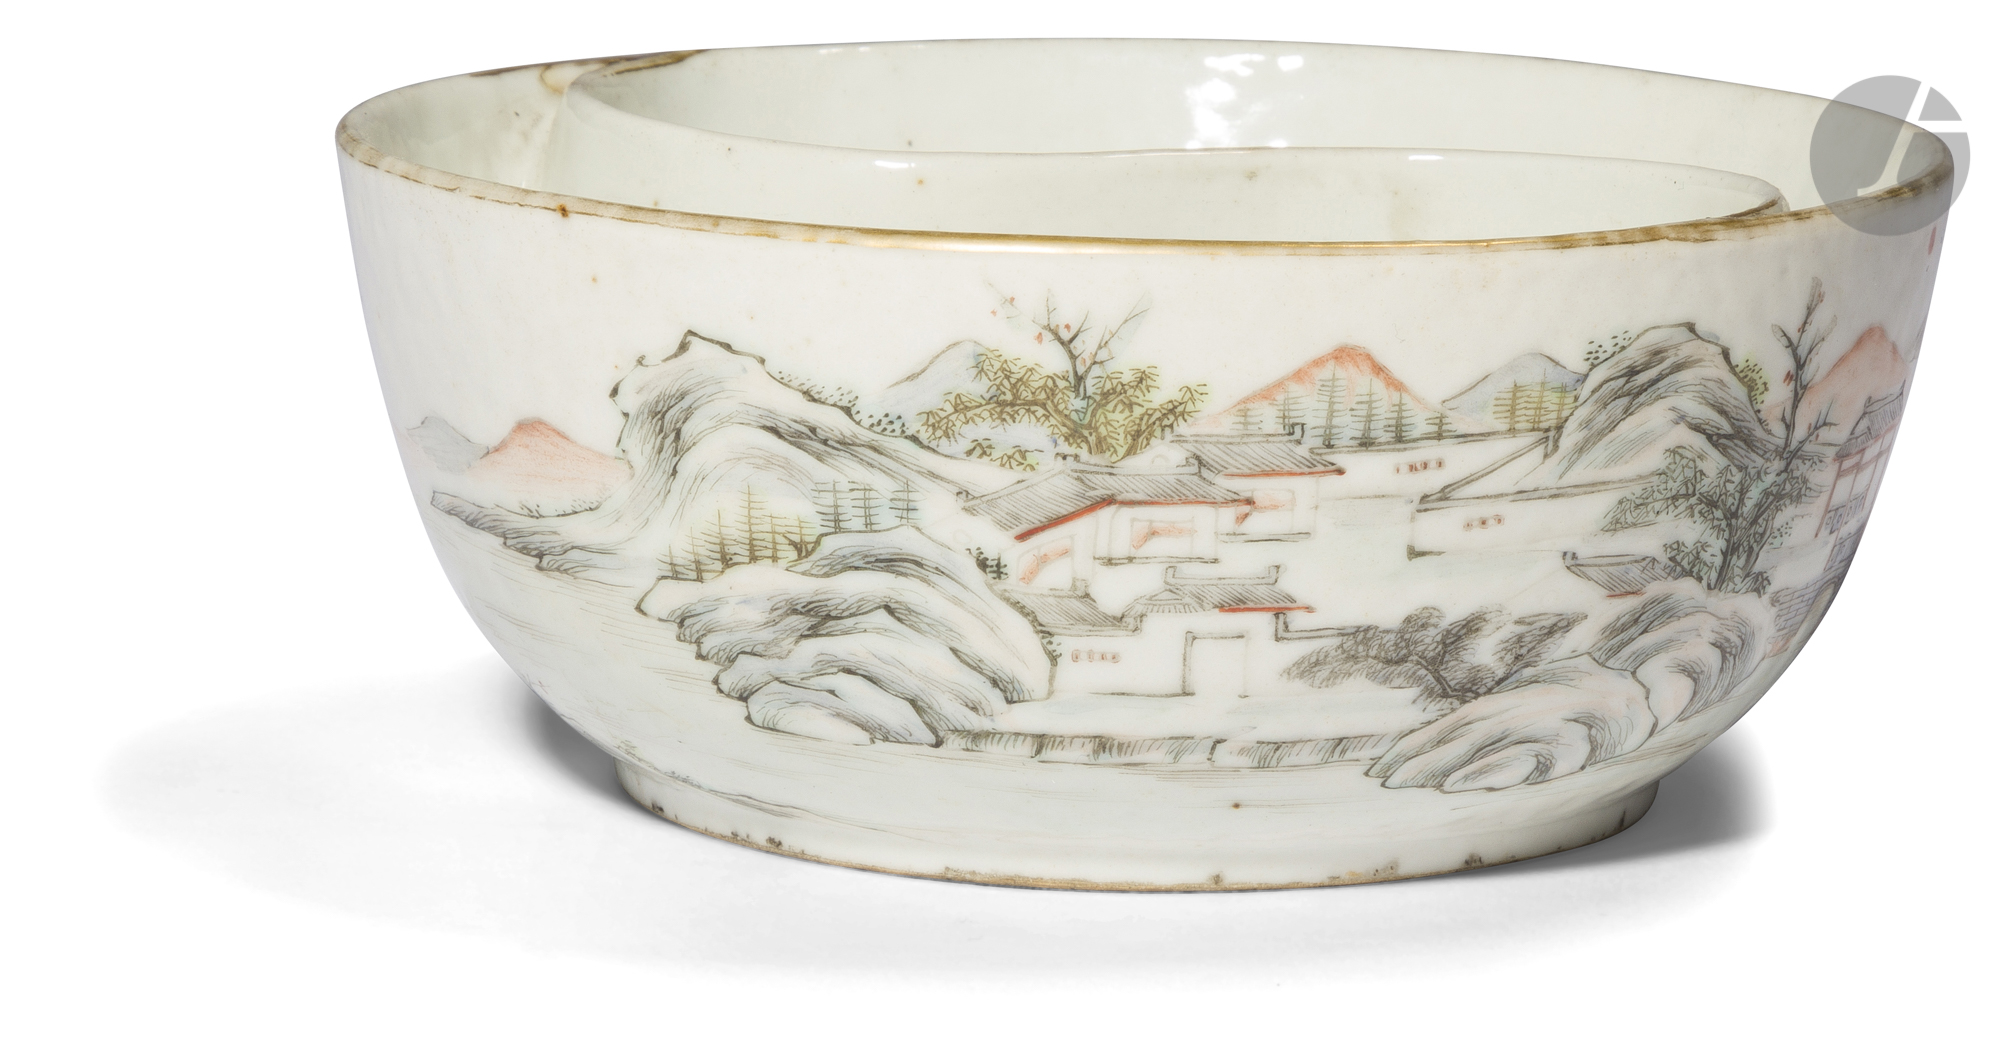 CHINE - XIXe siècle Coupe ronde à deux compartiments en porcelaine blanche émaillée polychrome et or